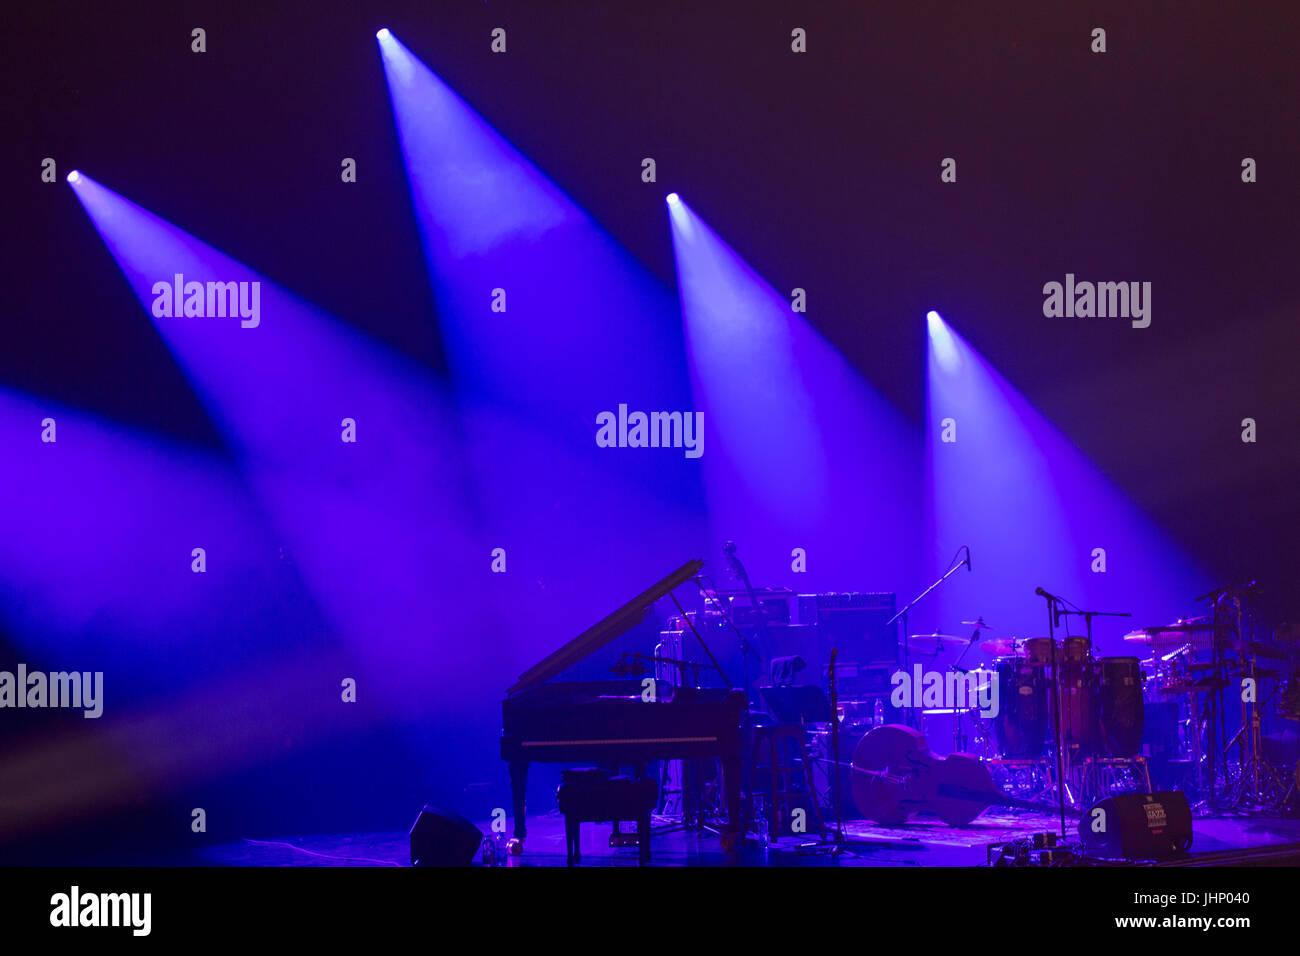 Strumenti musicali su un palco con una suggestiva illuminazione